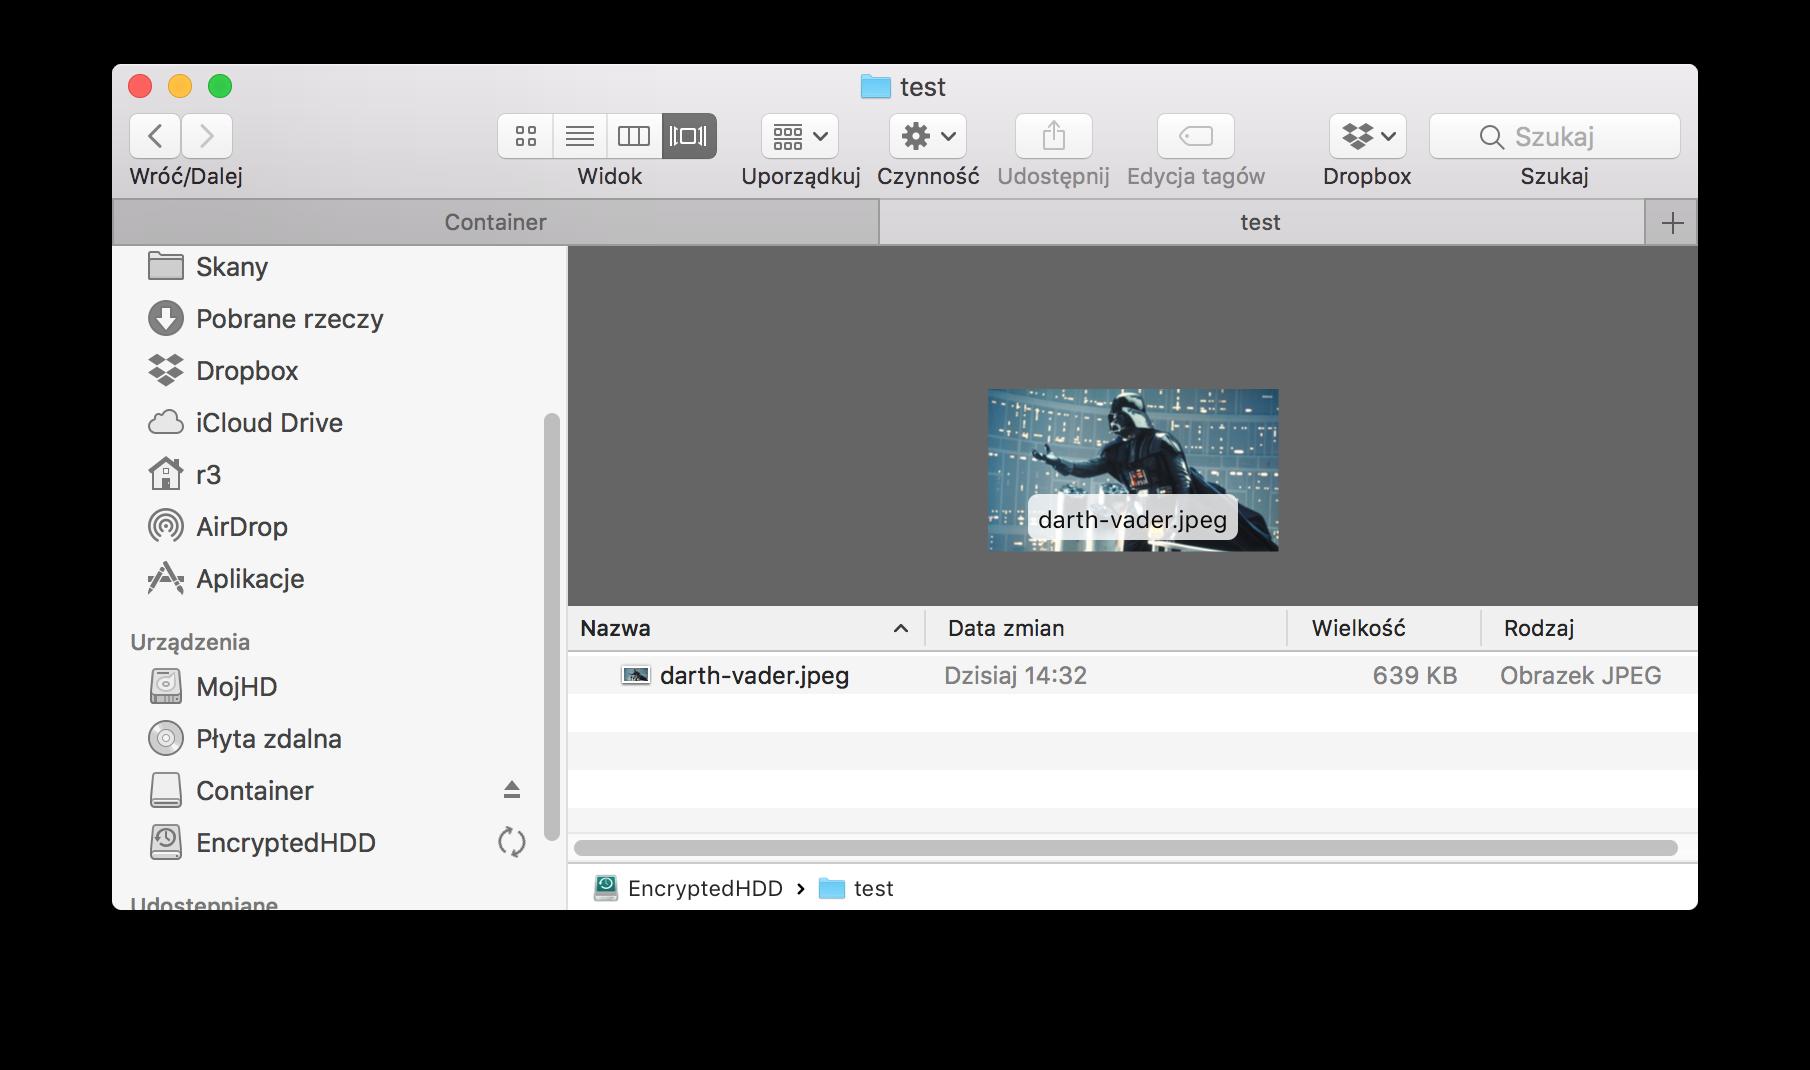 Баг в macOS раскрывает информацию, хранящуюся на зашифрованных дисках